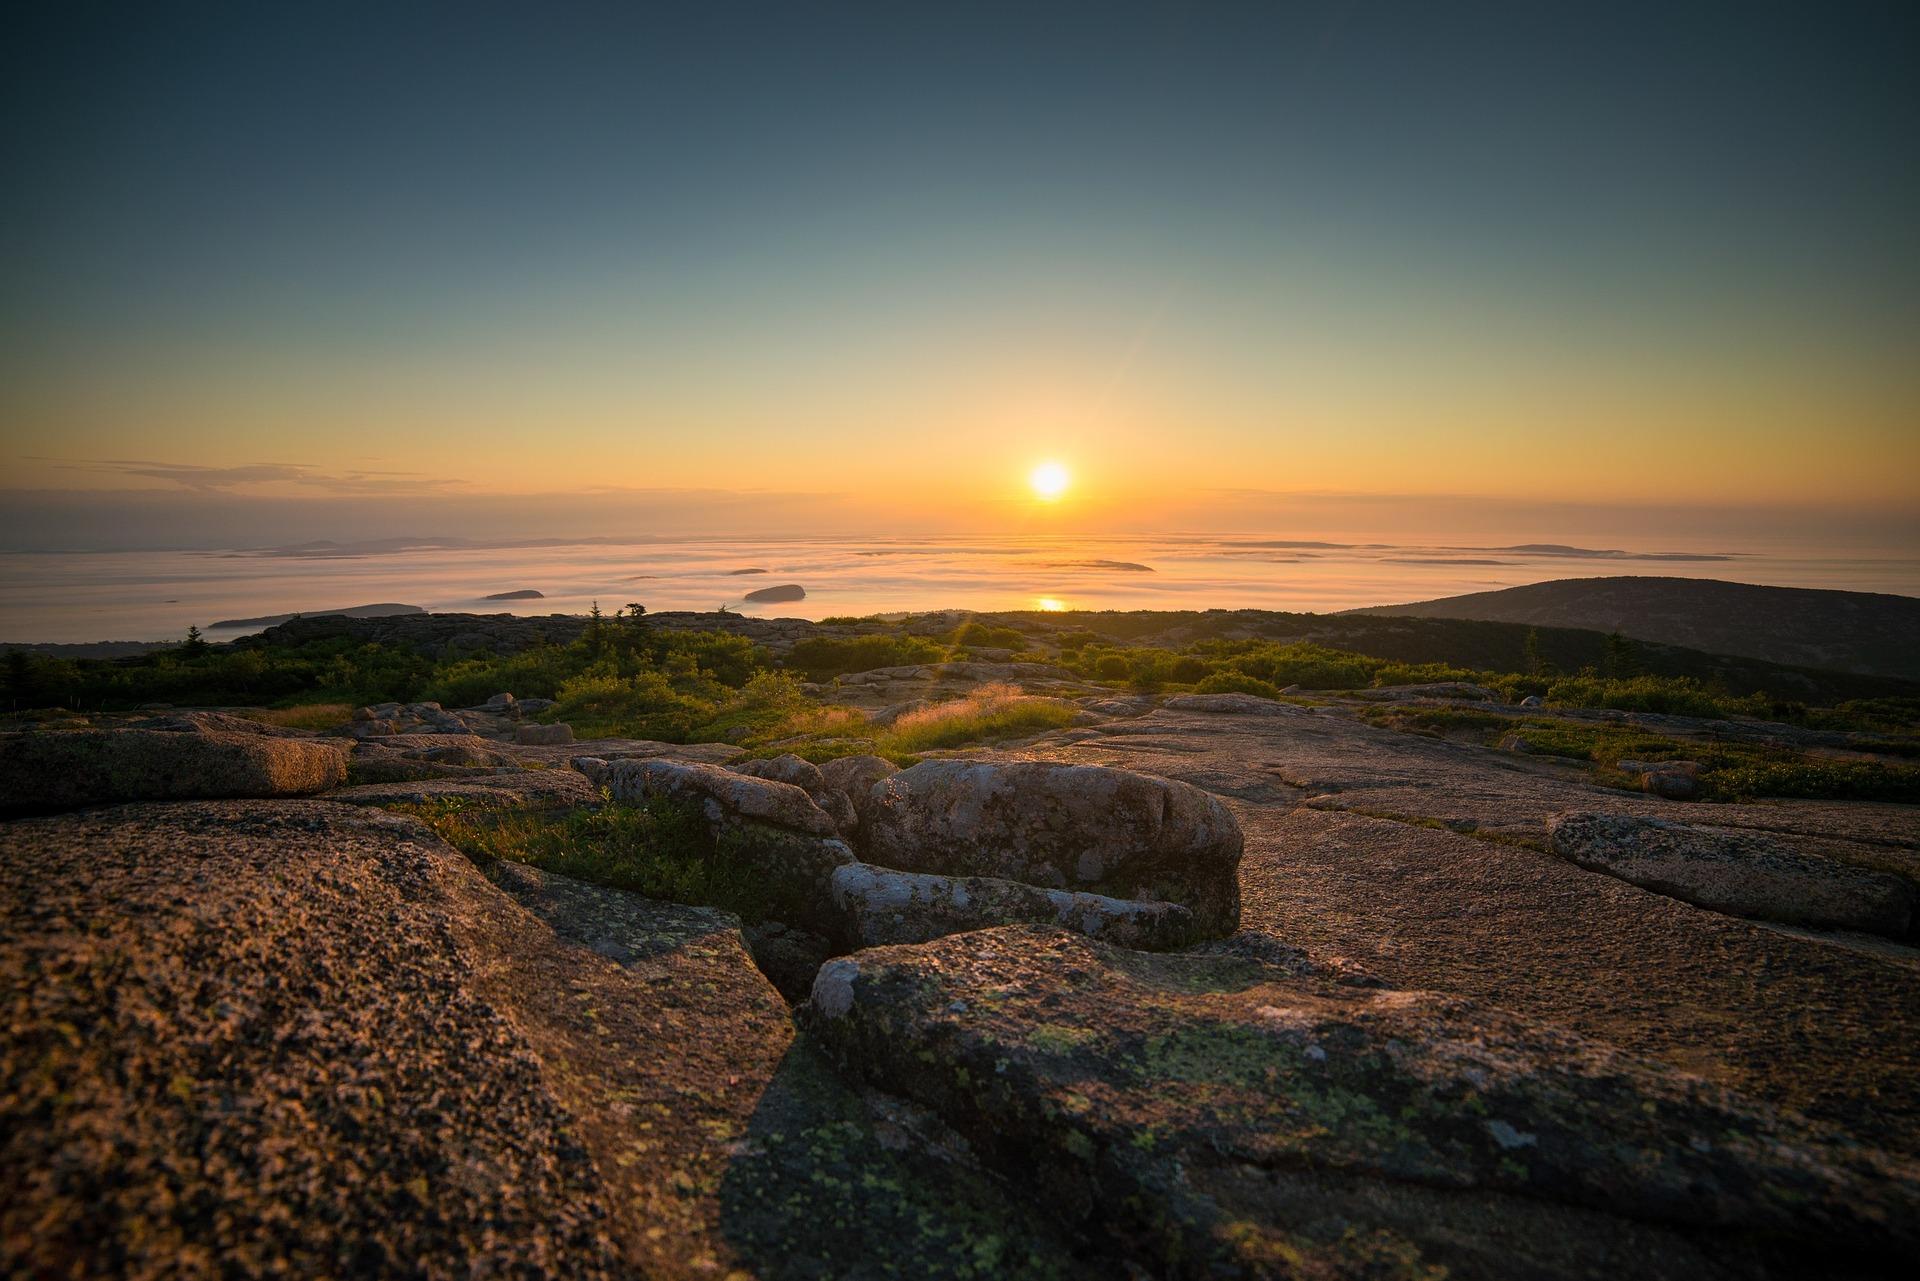 sunrise of a new era